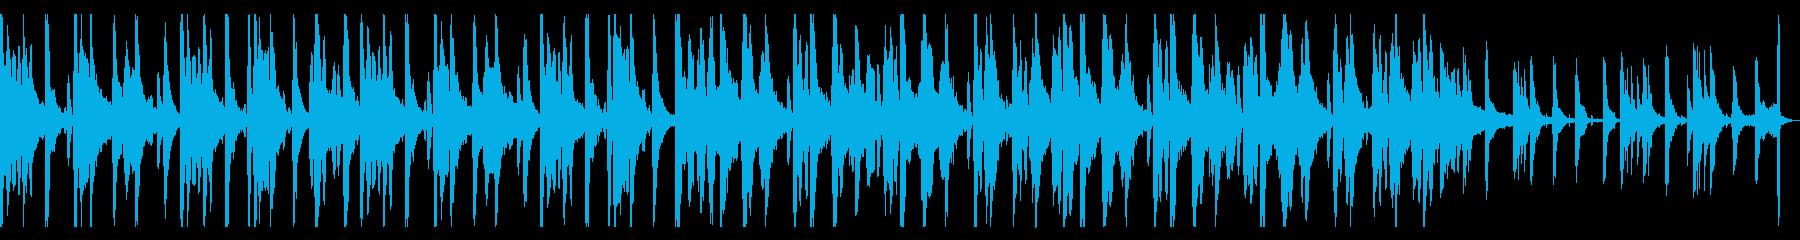 のほほんファンシー kawaii BGMの再生済みの波形